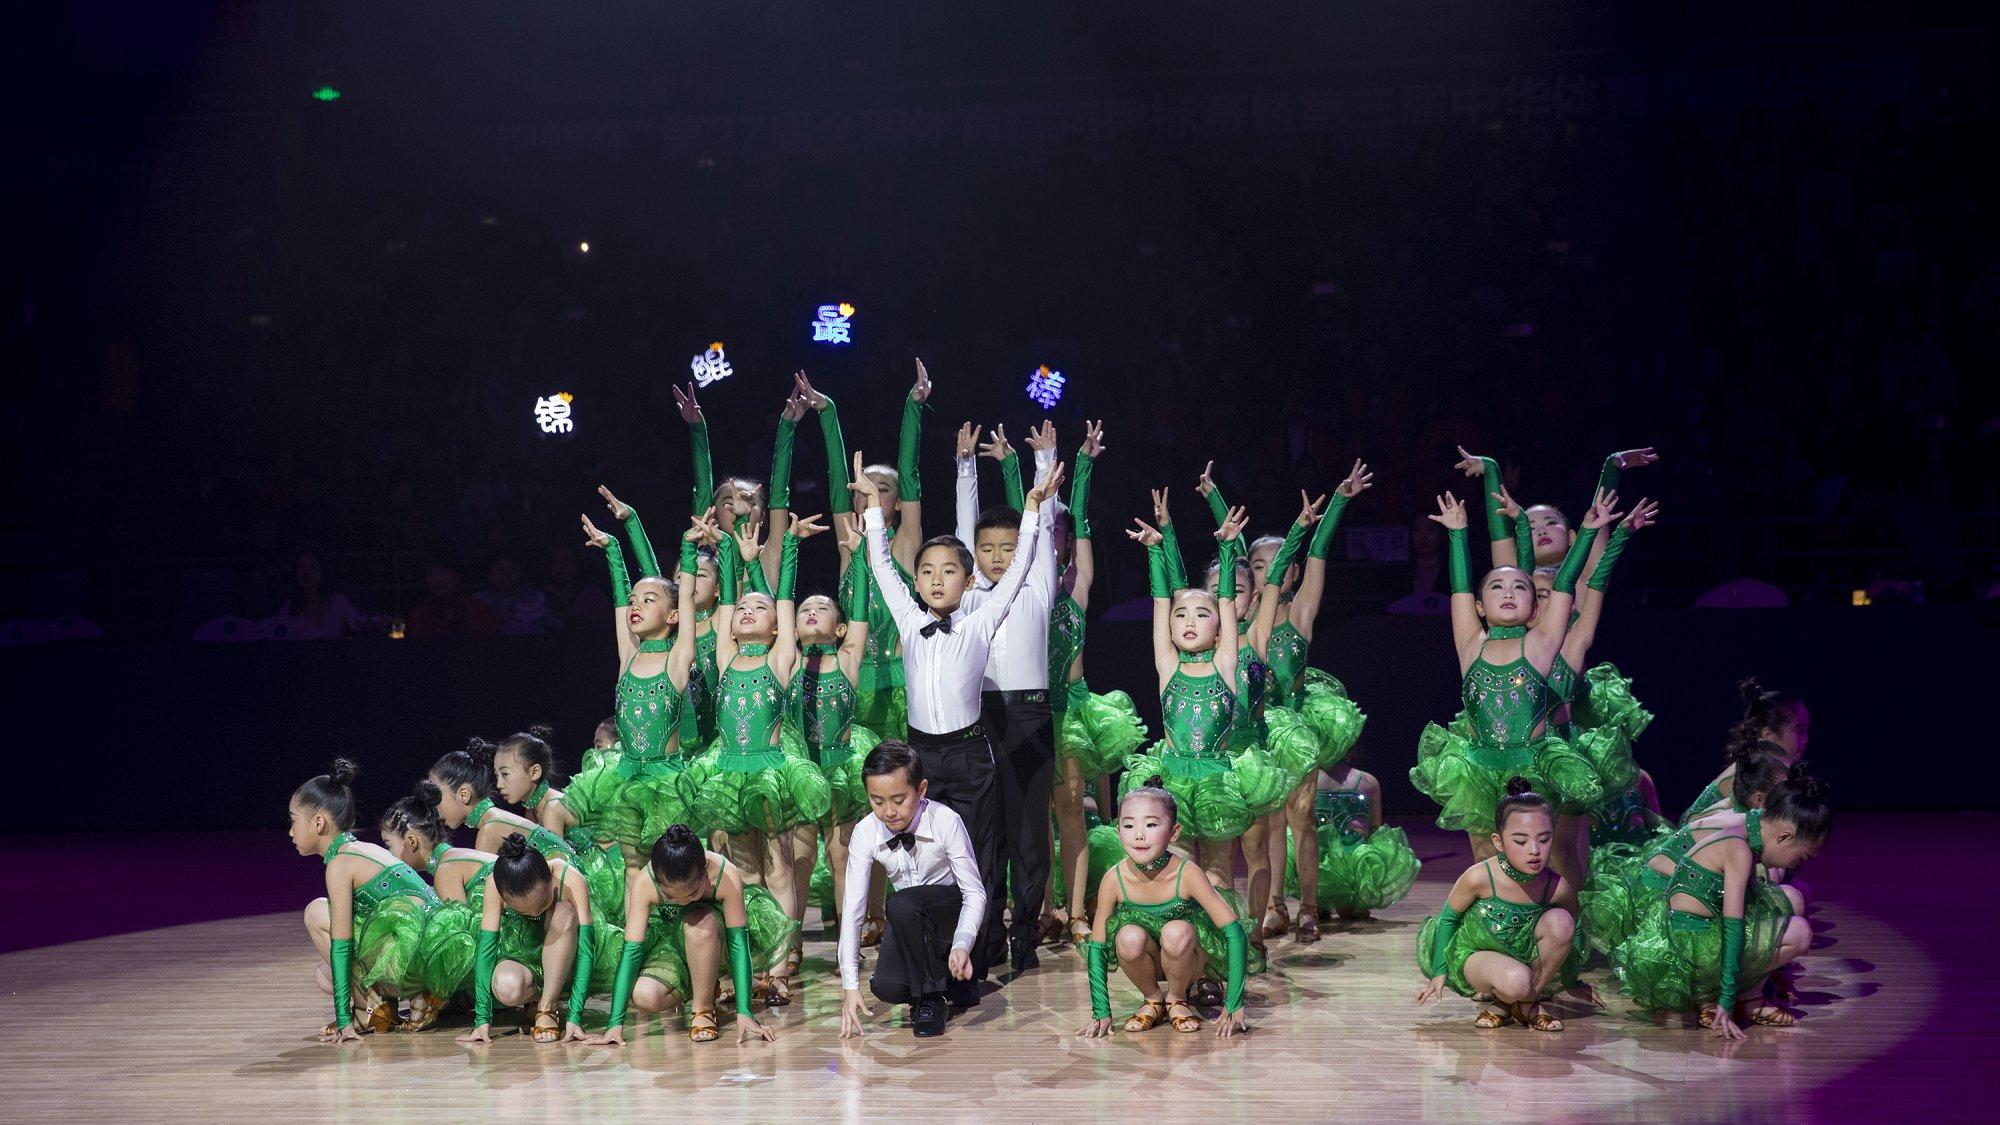 """聚世界之极 展九洲之魅 -""""锦鲲杯""""第27届全国体育舞蹈锦标赛暨"""